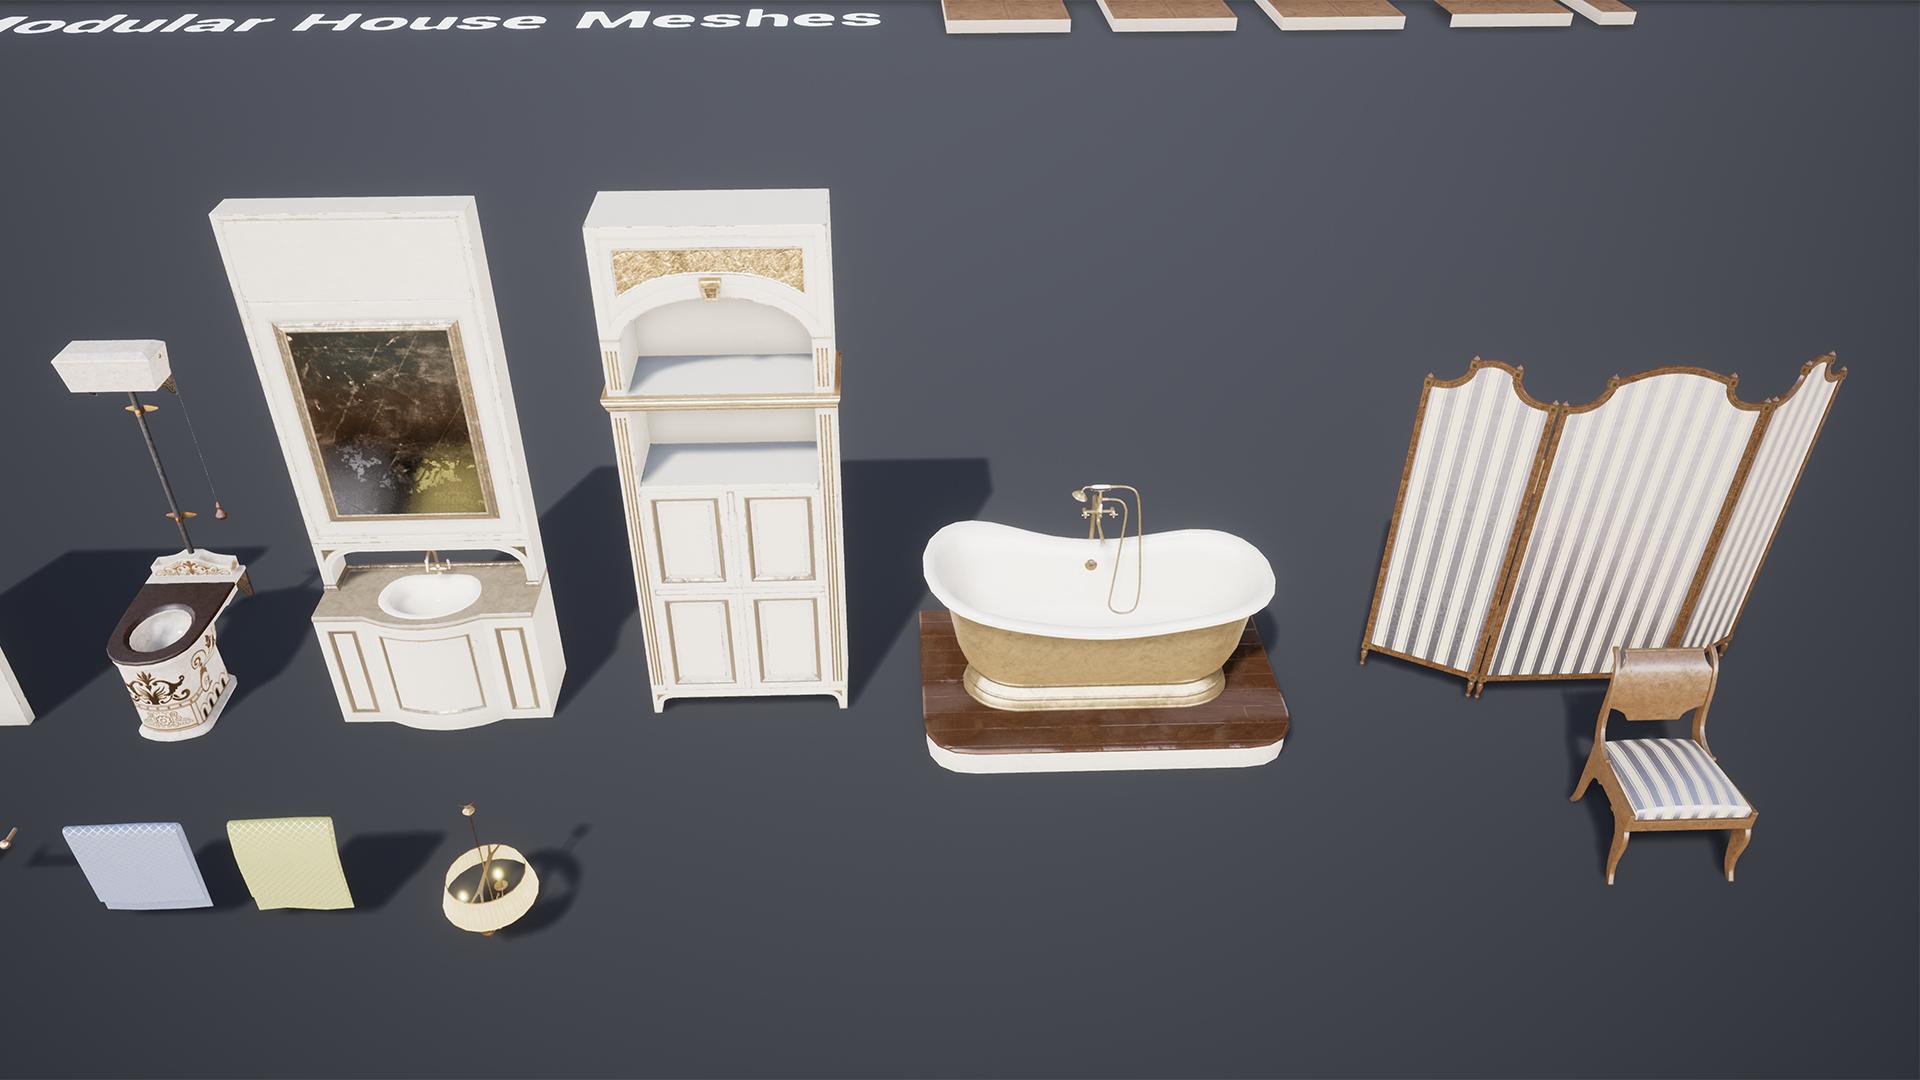 Vintage Bathroom by Mikhail Kadilnikov in Props - UE4